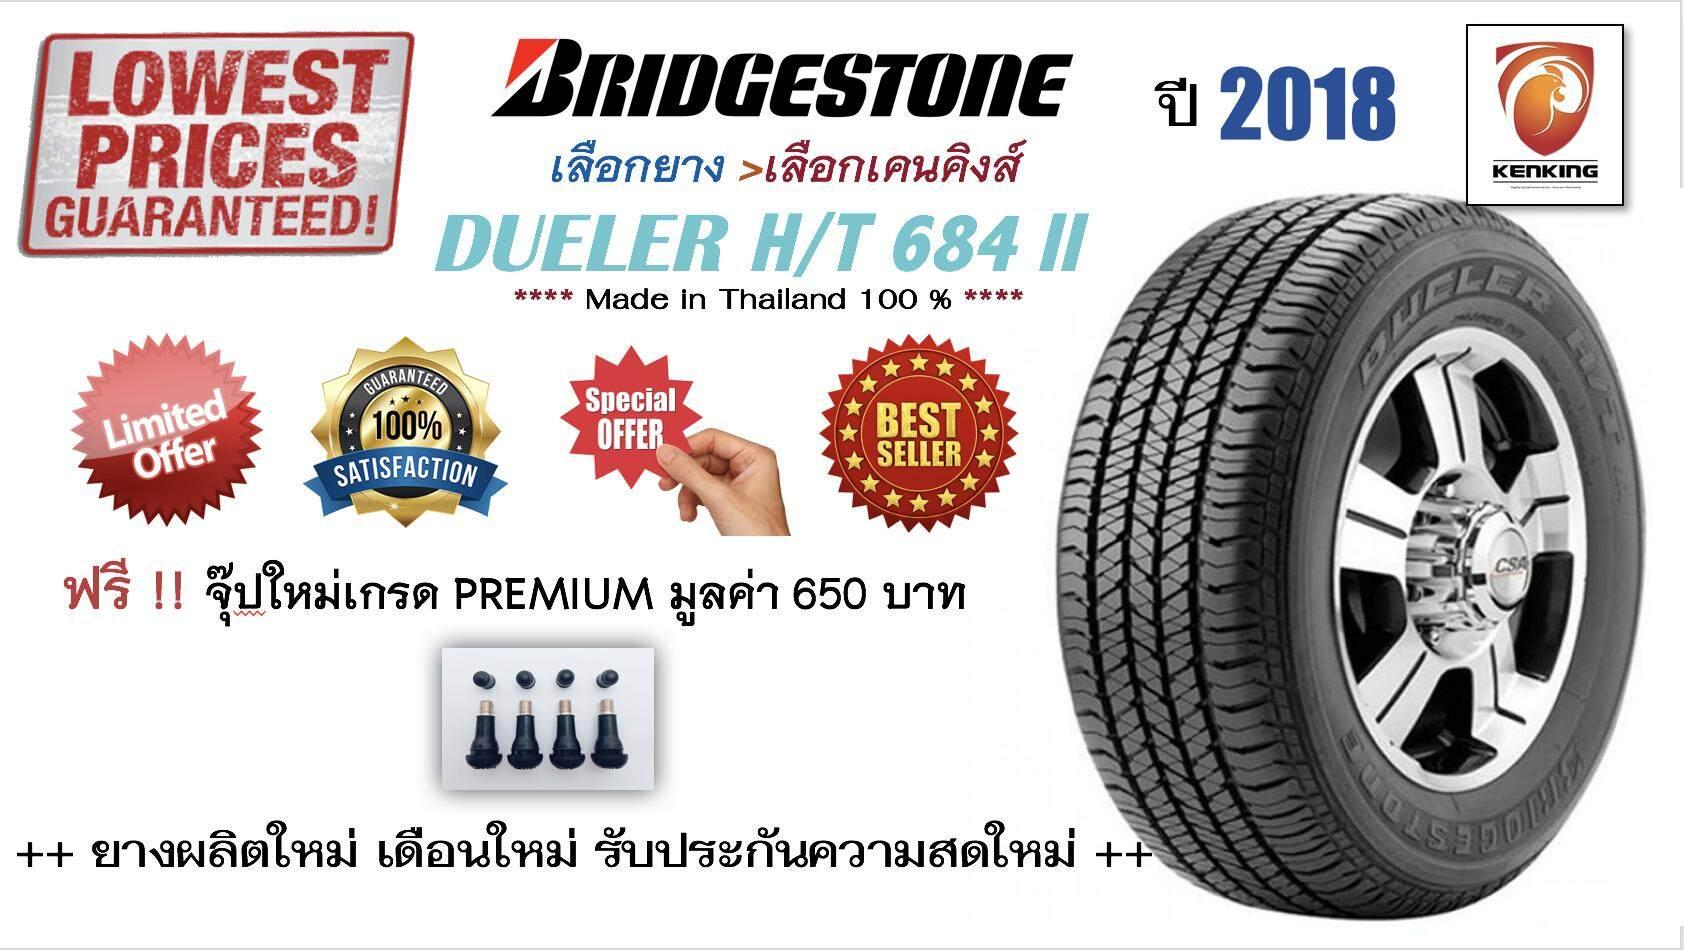 ประกันภัย รถยนต์ แบบ ผ่อน ได้ แม่ฮ่องสอน ยางรถยนต์ขอบ 18 Bridgestone New!! ปี 2019 265/60 R18 DUELER H/T 684 (Made in Thailand)